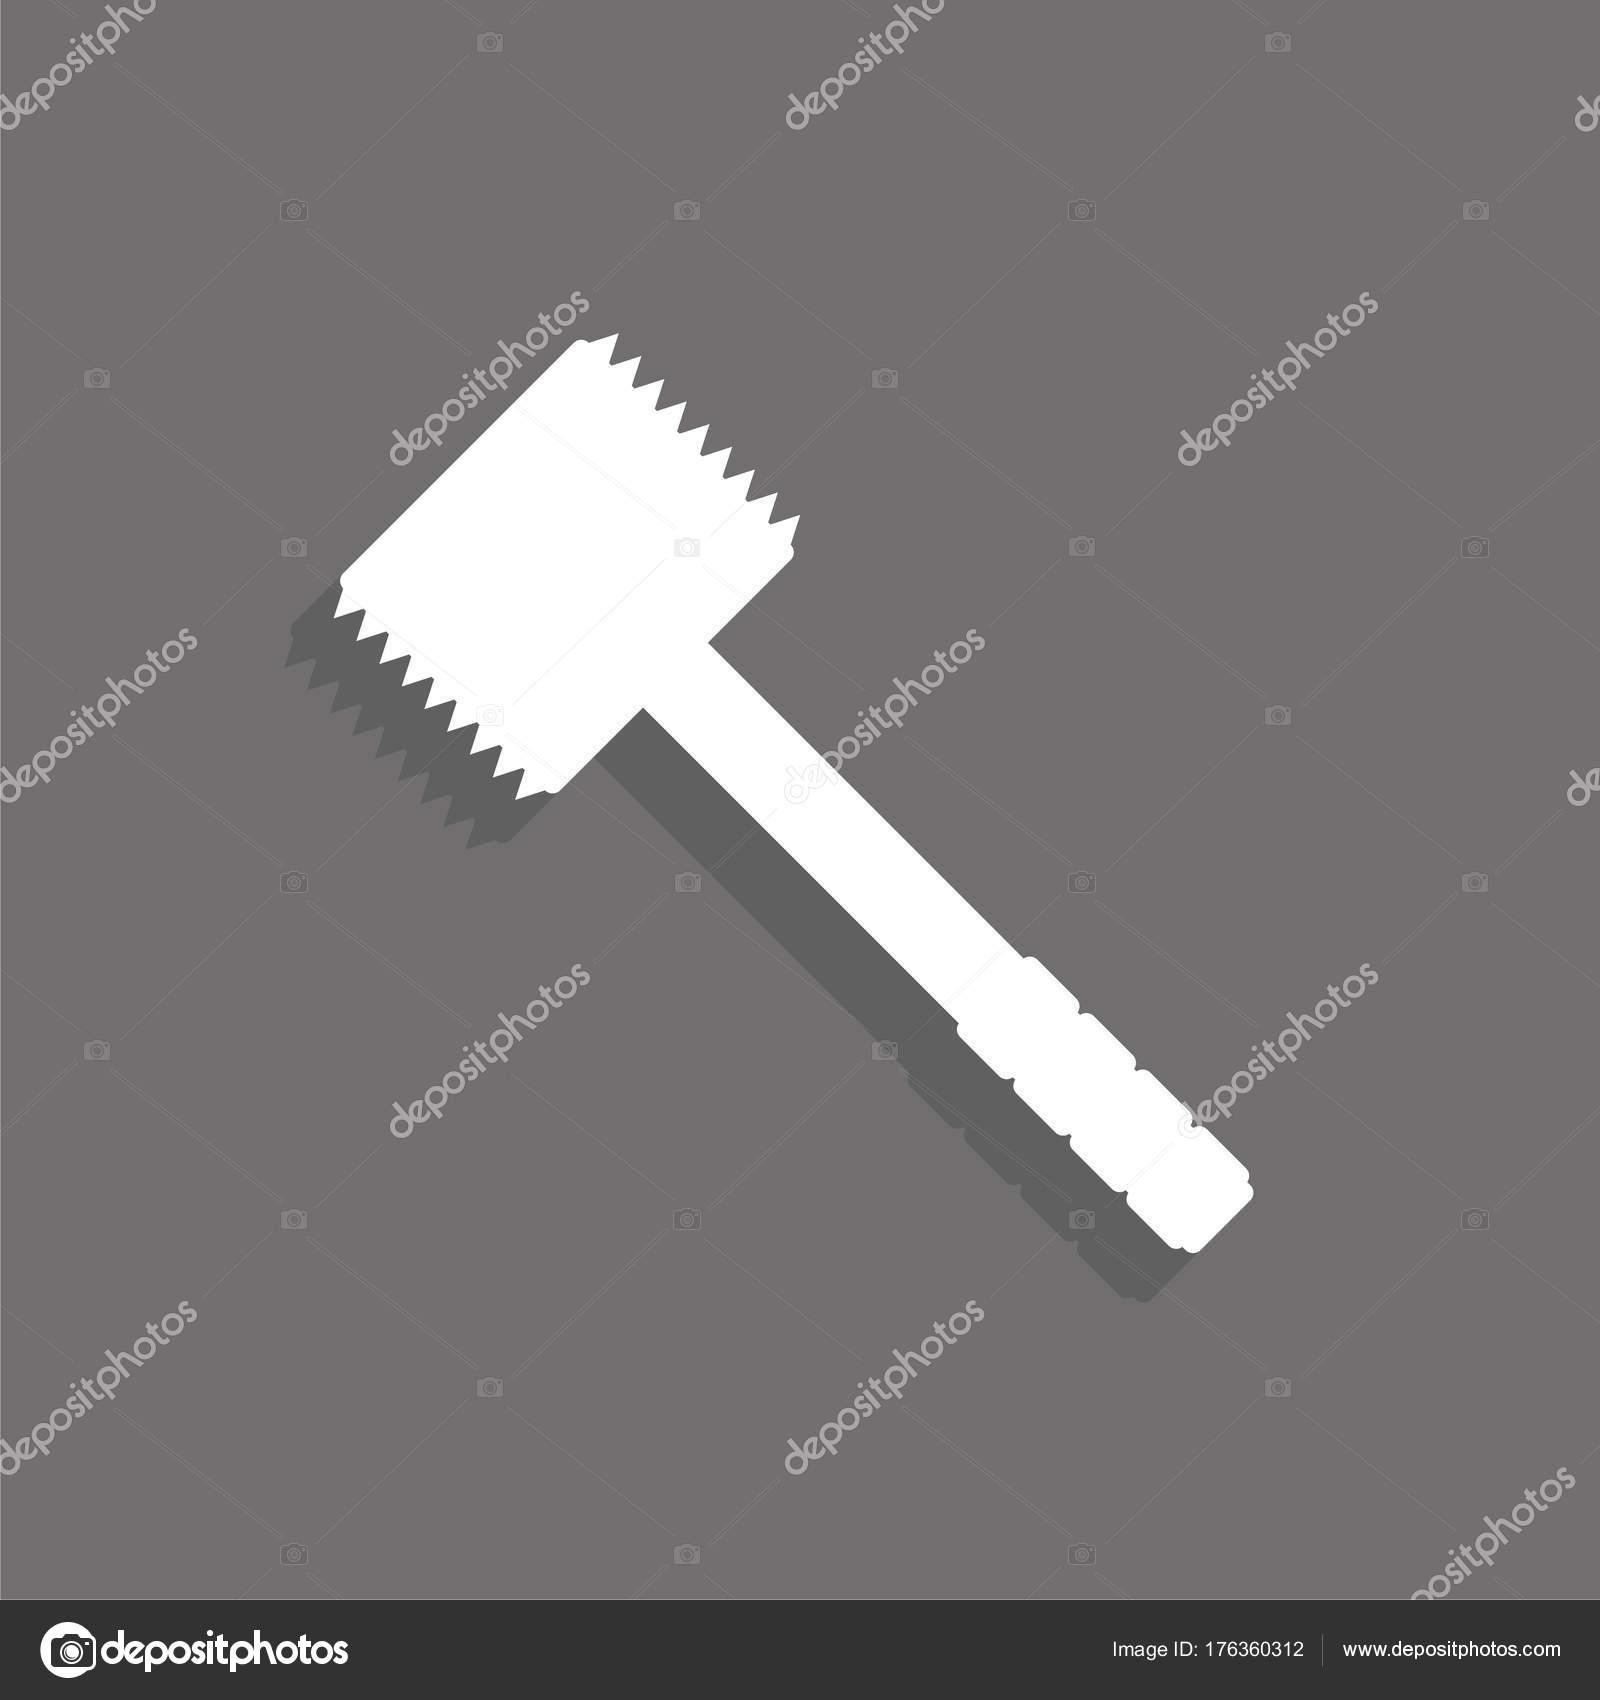 Küche Hammer Fleisch Schlagen Vektor Icon — Stockvektor © ivosoier ...